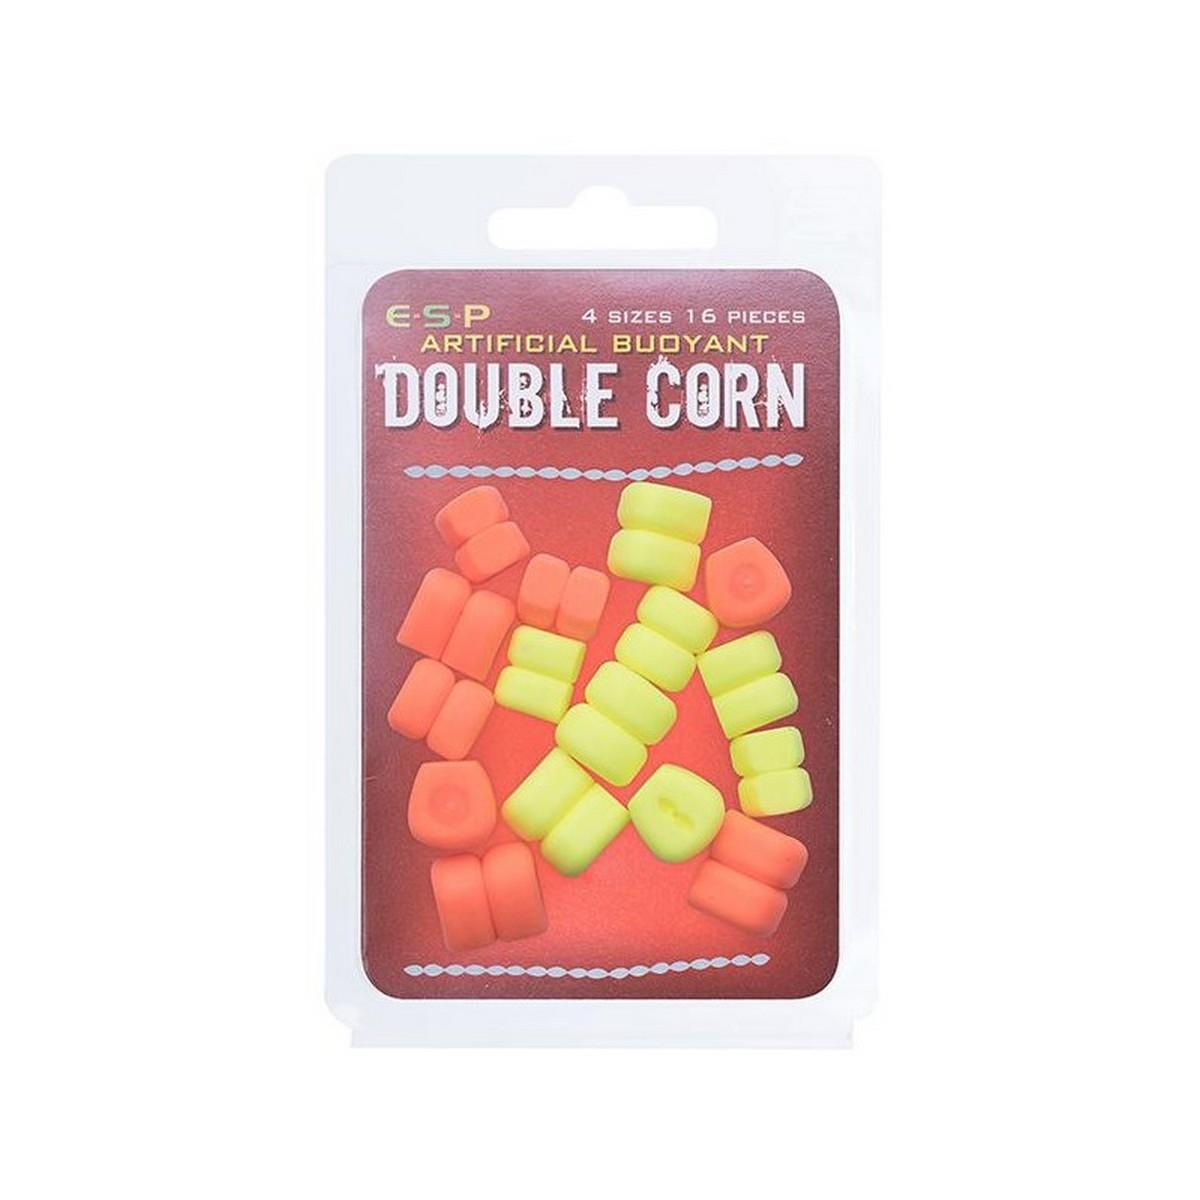 Плуваща изкуствена двойна царевица ESP Double Corn - Fluoro Yellow & Orange